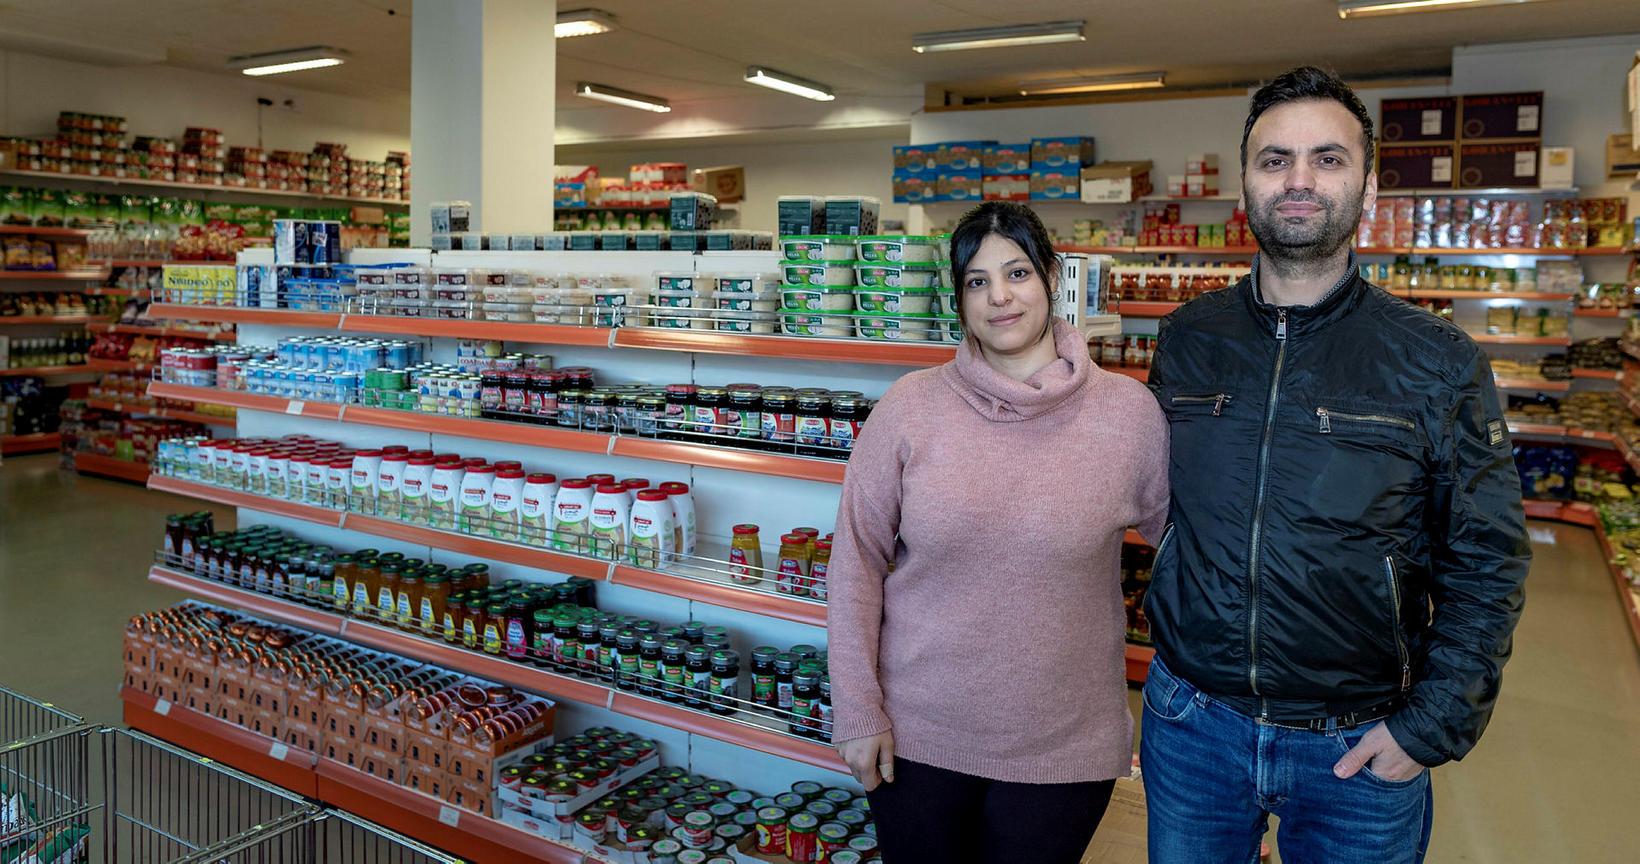 Negla og eiginmaður hennar, Yusuf, opnuðu matvöruverslunina Istanbul Market árið …